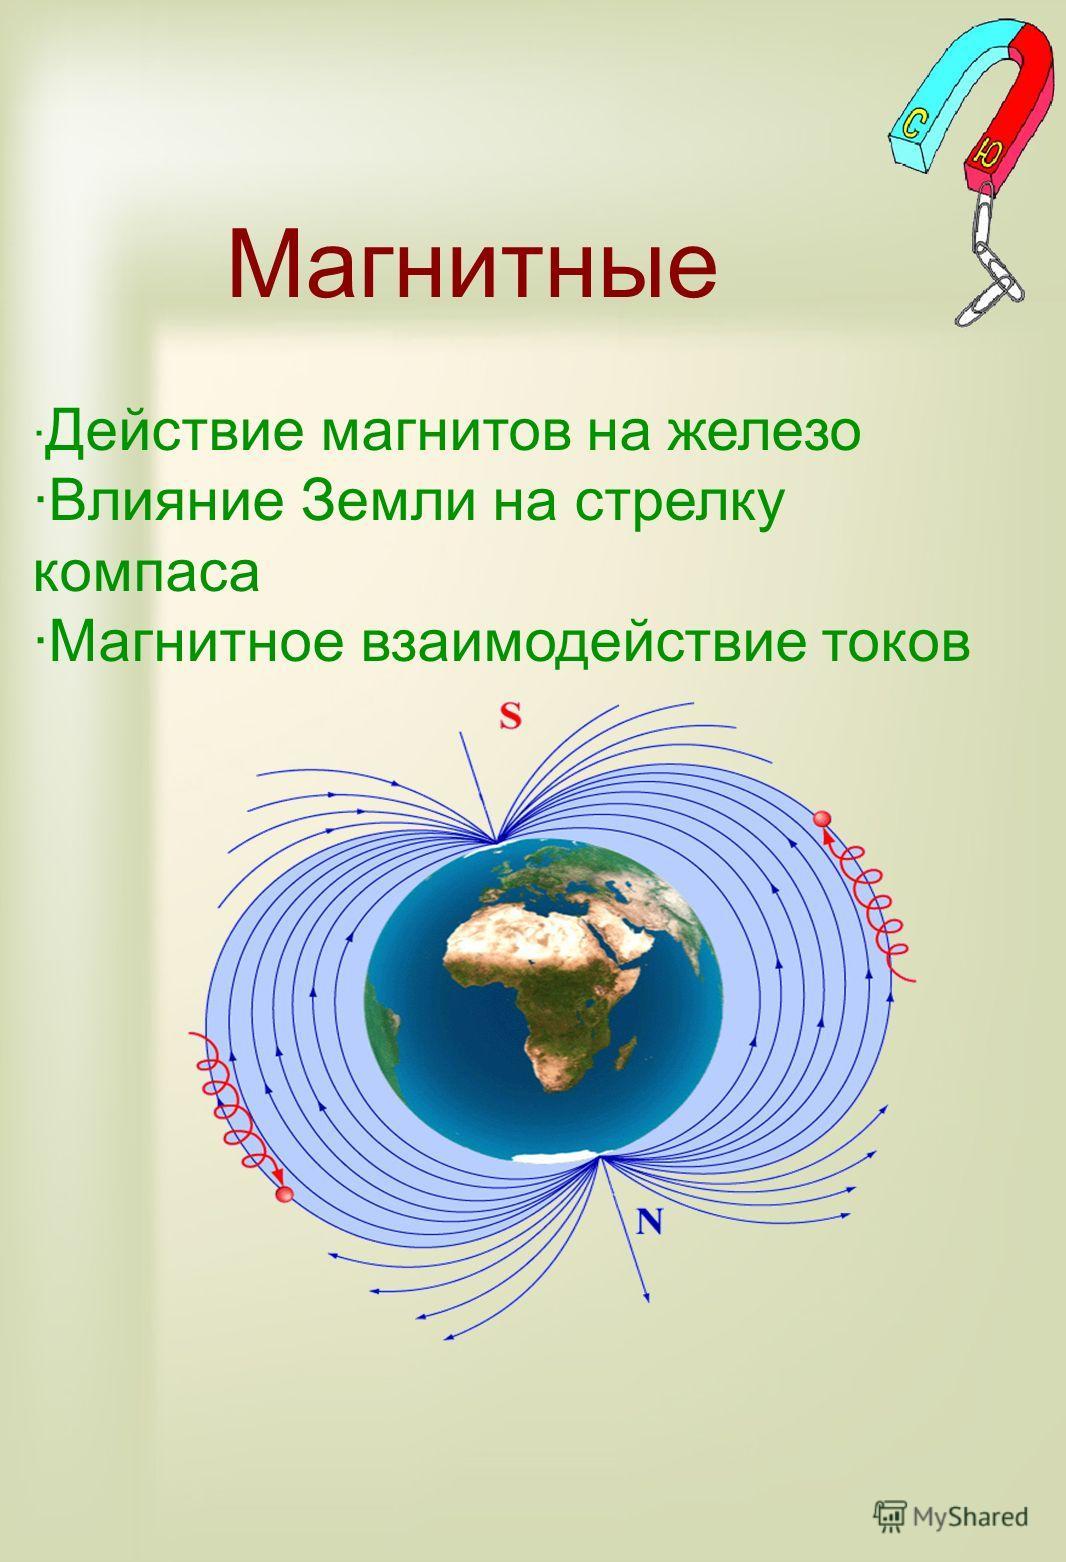 Магнитные · Действие магнитов на железо ·Влияние Земли на стрелку компаса ·Магнитное взаимодействие токов